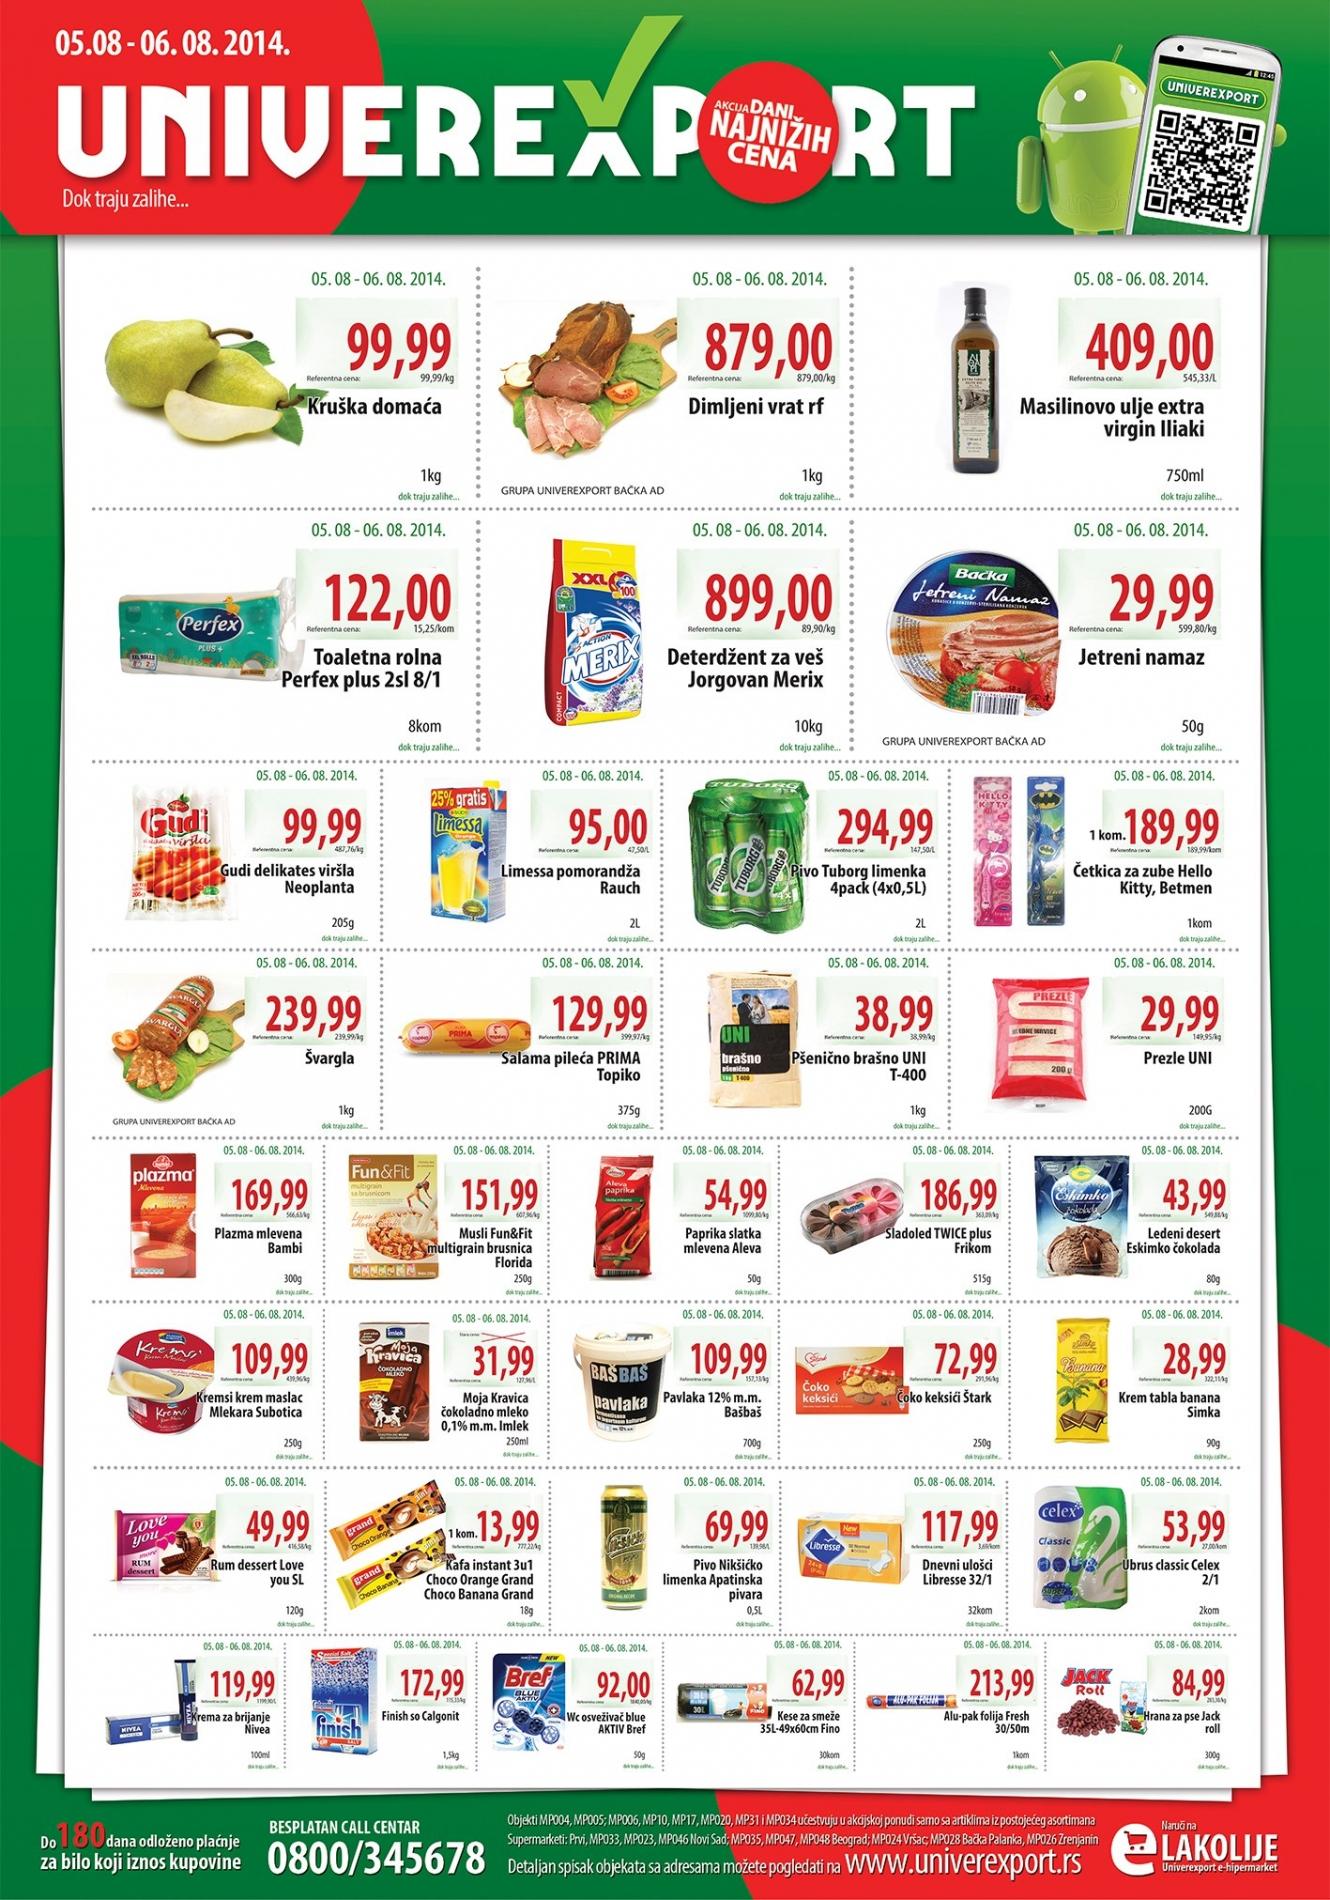 Univerexport akcija niske cene u utorak i sredu